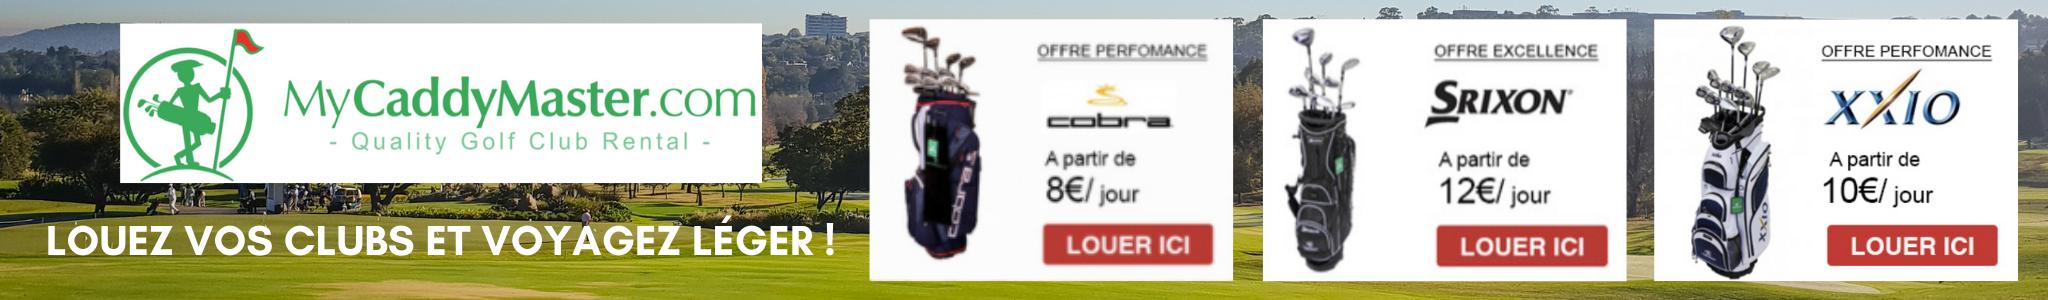 Le loueur de clubs de golf pour Golftrotteurs - MyCaddyMaster.com